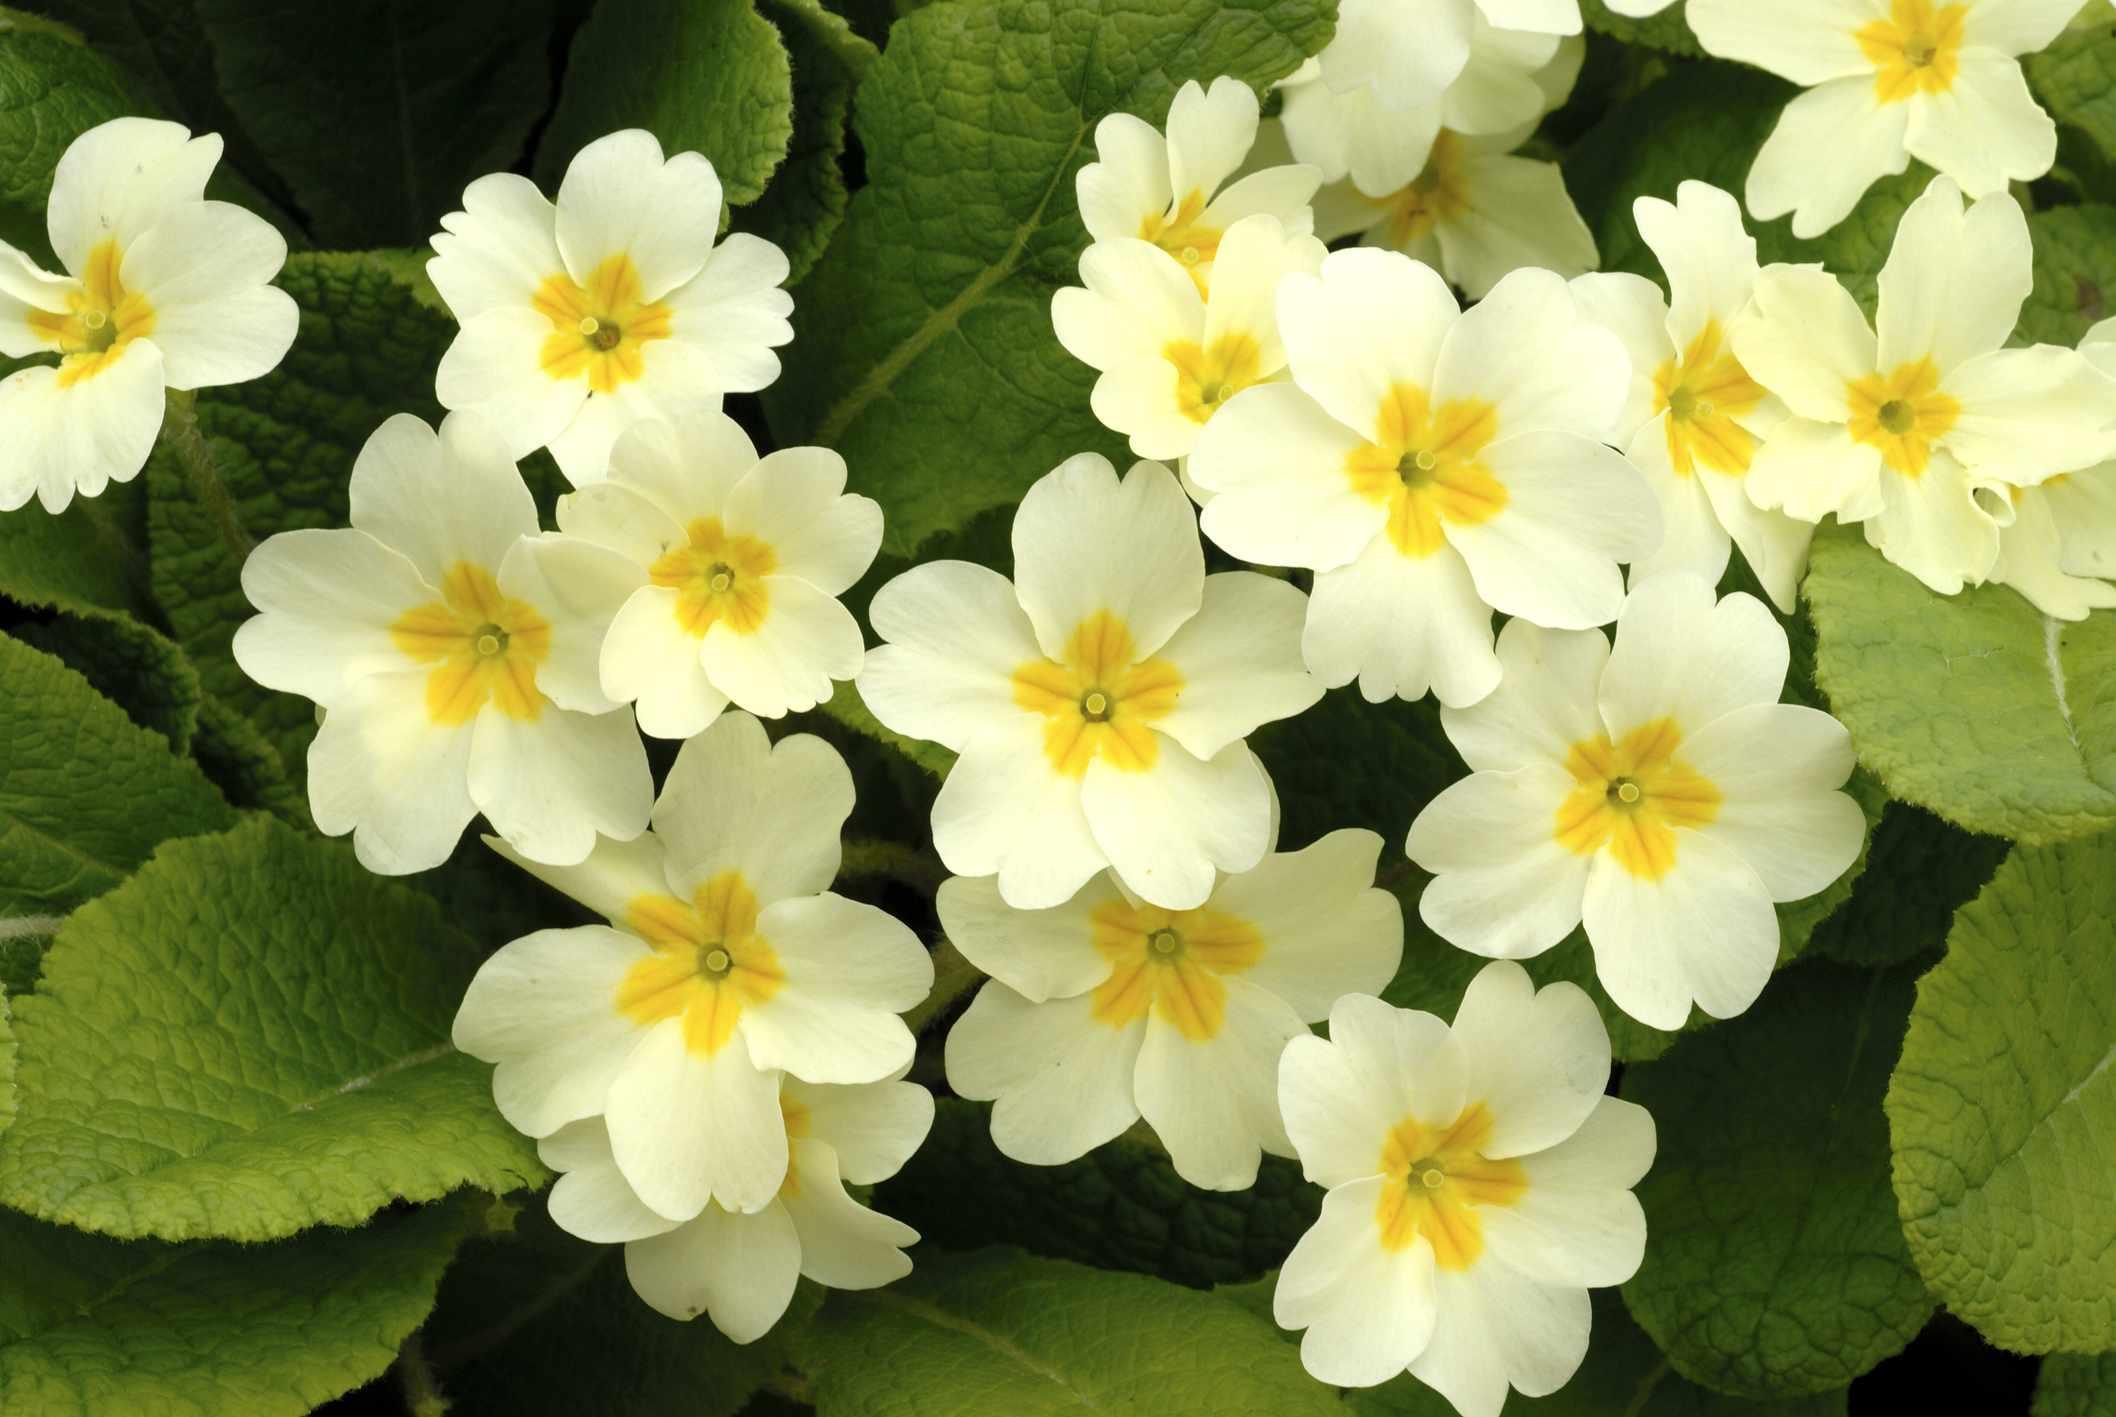 Primrose (Primula vulgaris)